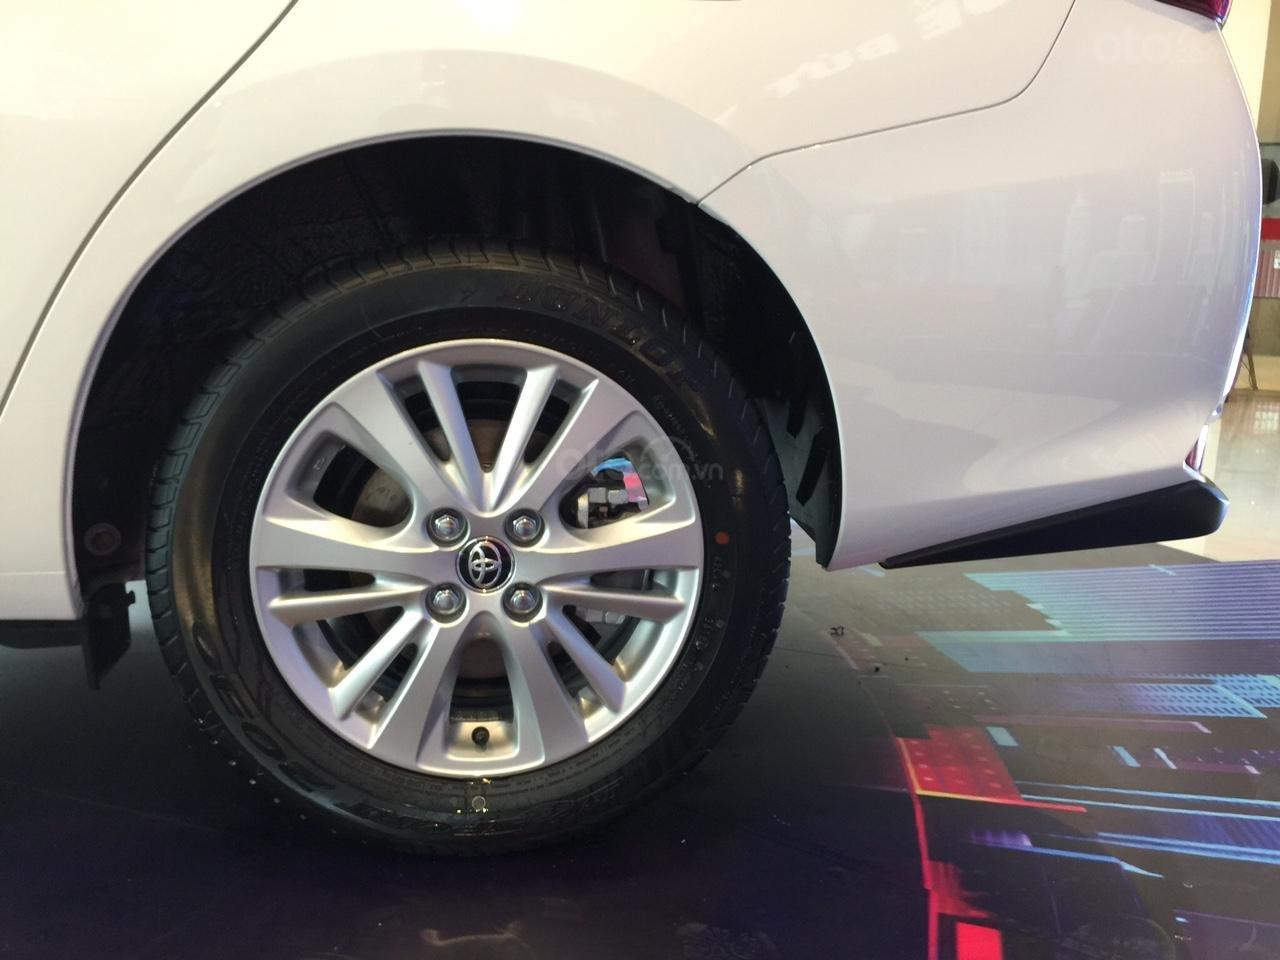 Giá xe Toyota Vios 1.5G 2019, giảm sập sàn, tặng bảo hiểm thân vỏ, hỗ trợ trả góp, chi tiết LH ngay 0978835850-2